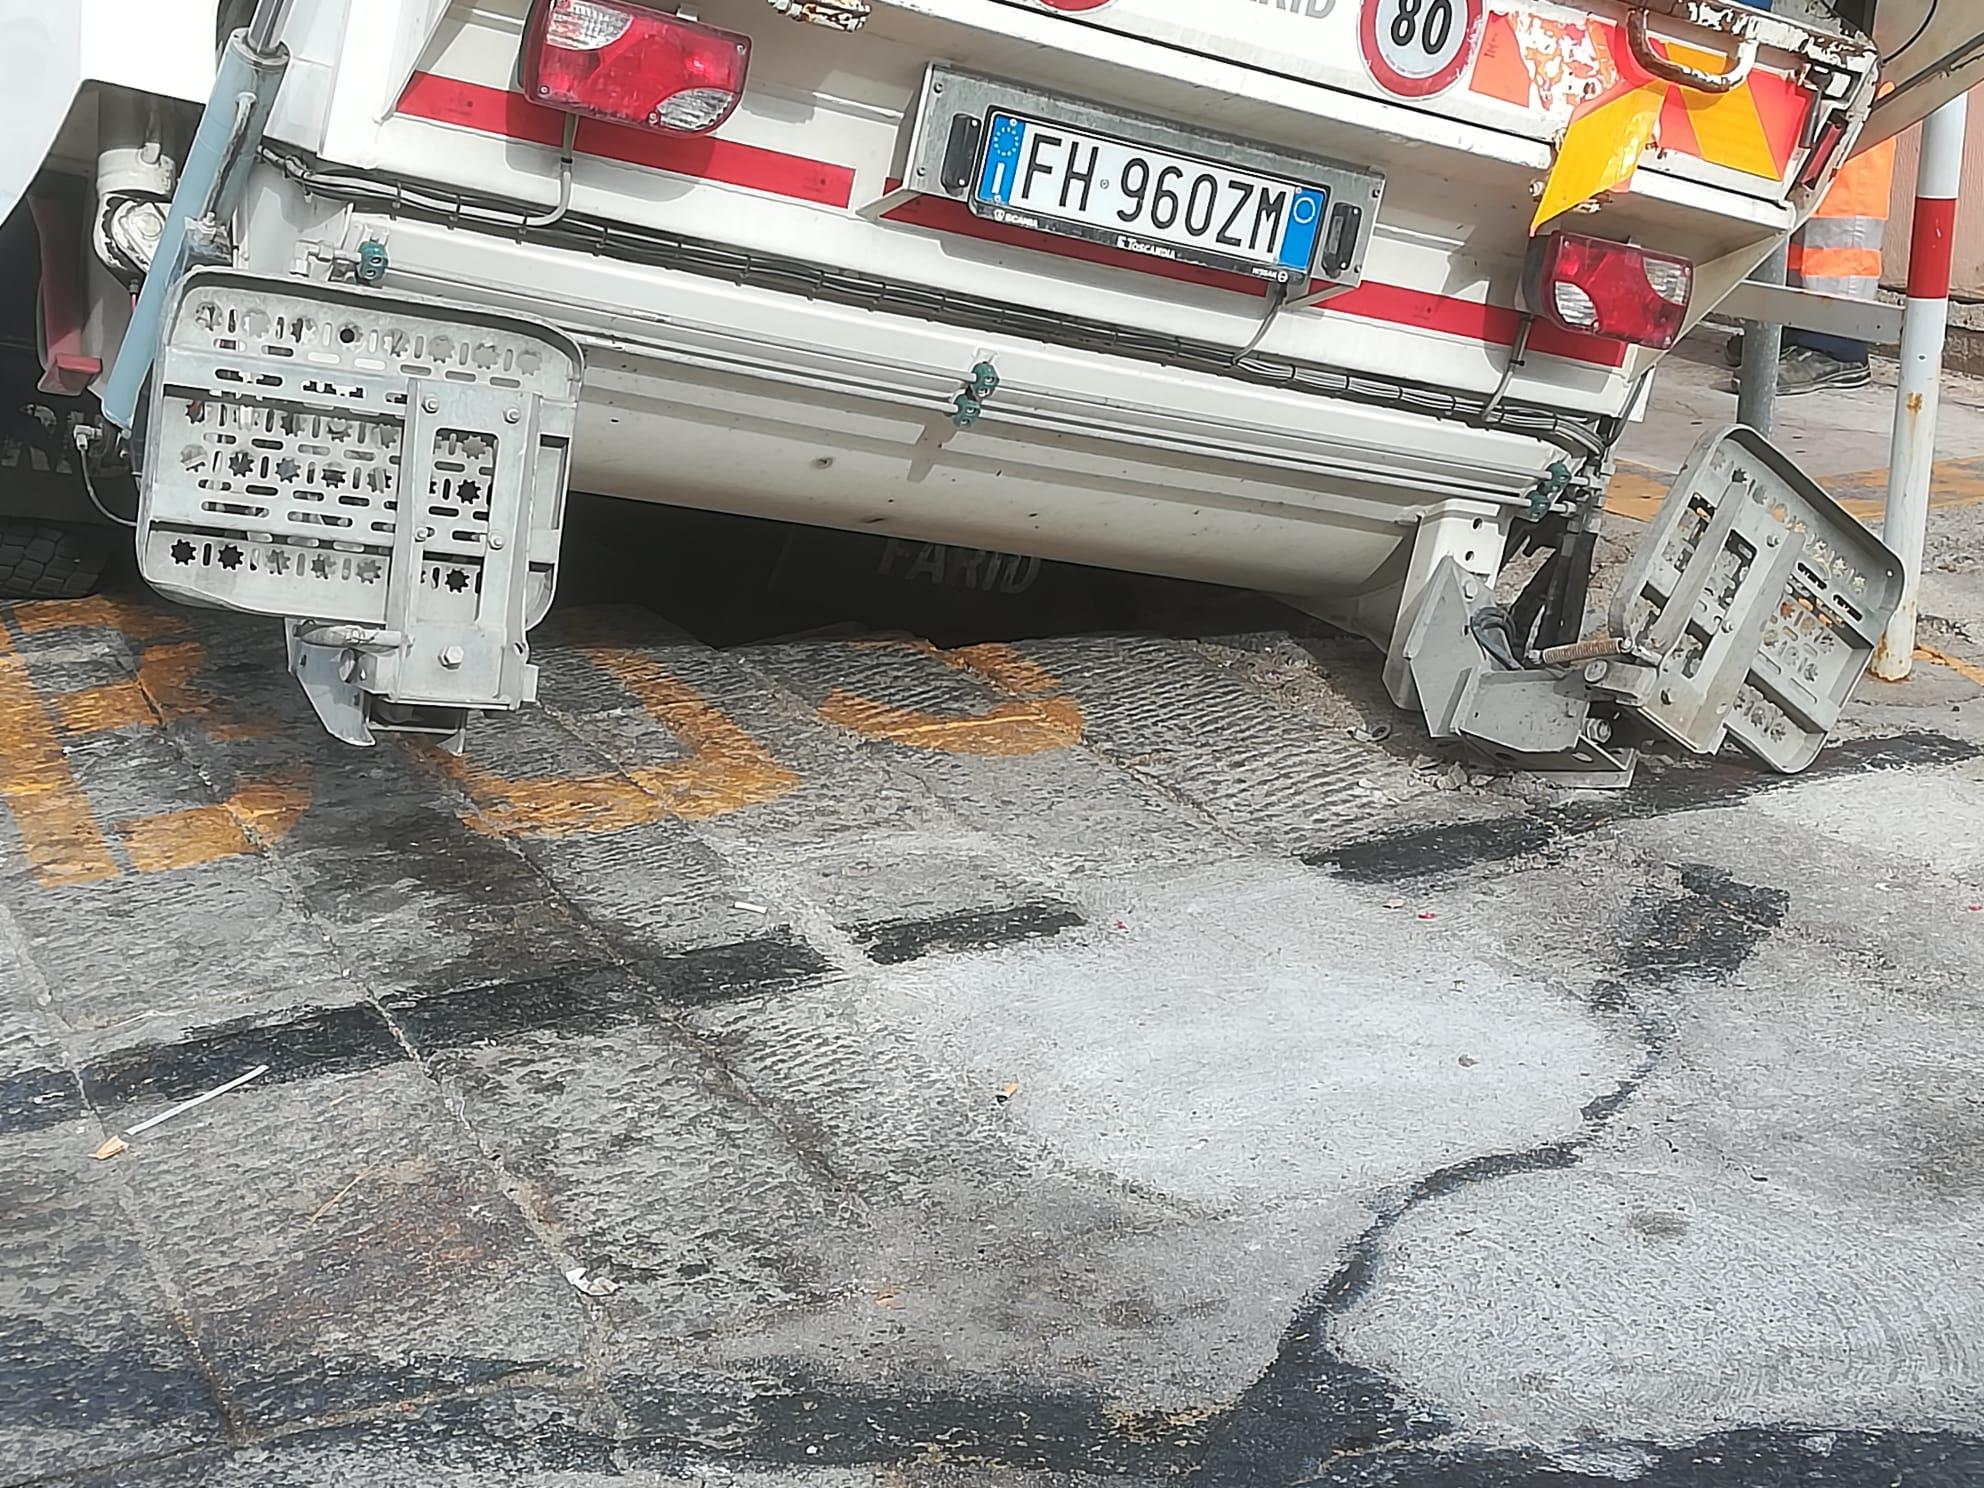 buca camion cedimento asfalto isola del giglio porto giglionews